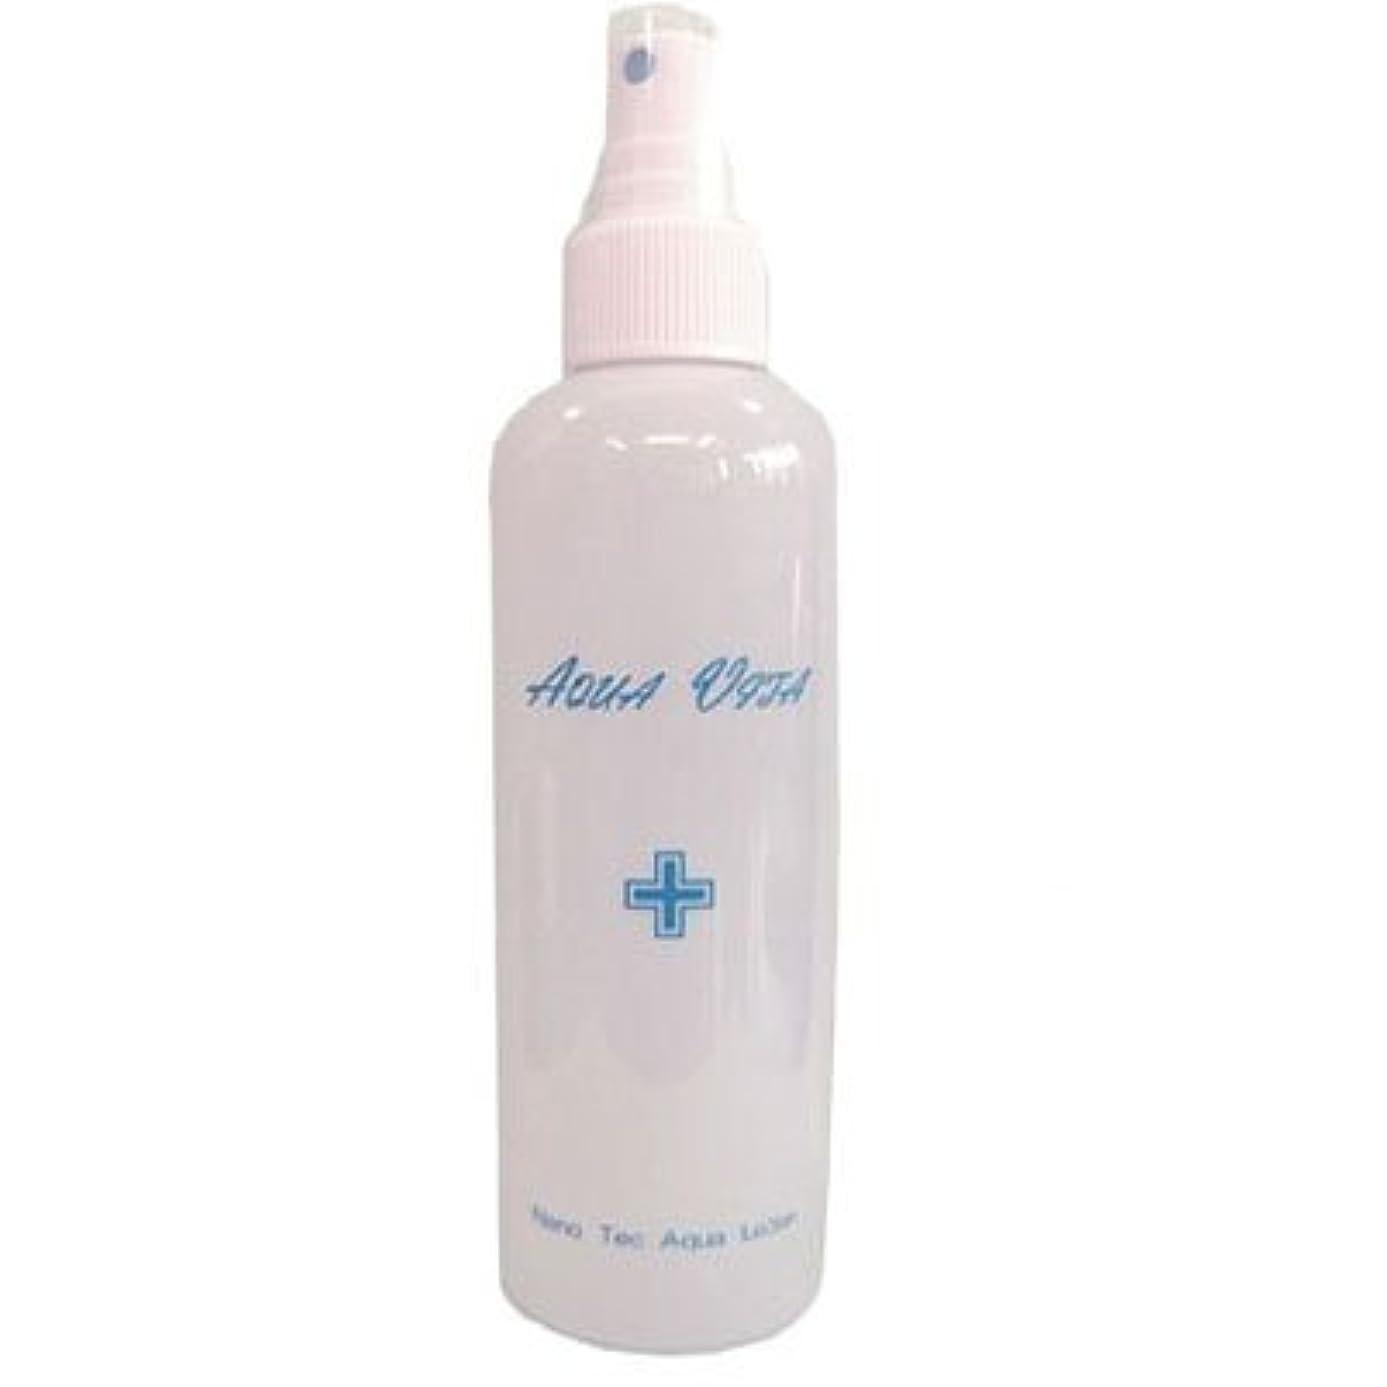 従順筋肉のロープアクアビータスキンケア 超ミネラル水で製造 アクアビータローション 200ml 保湿 無香料 無着色